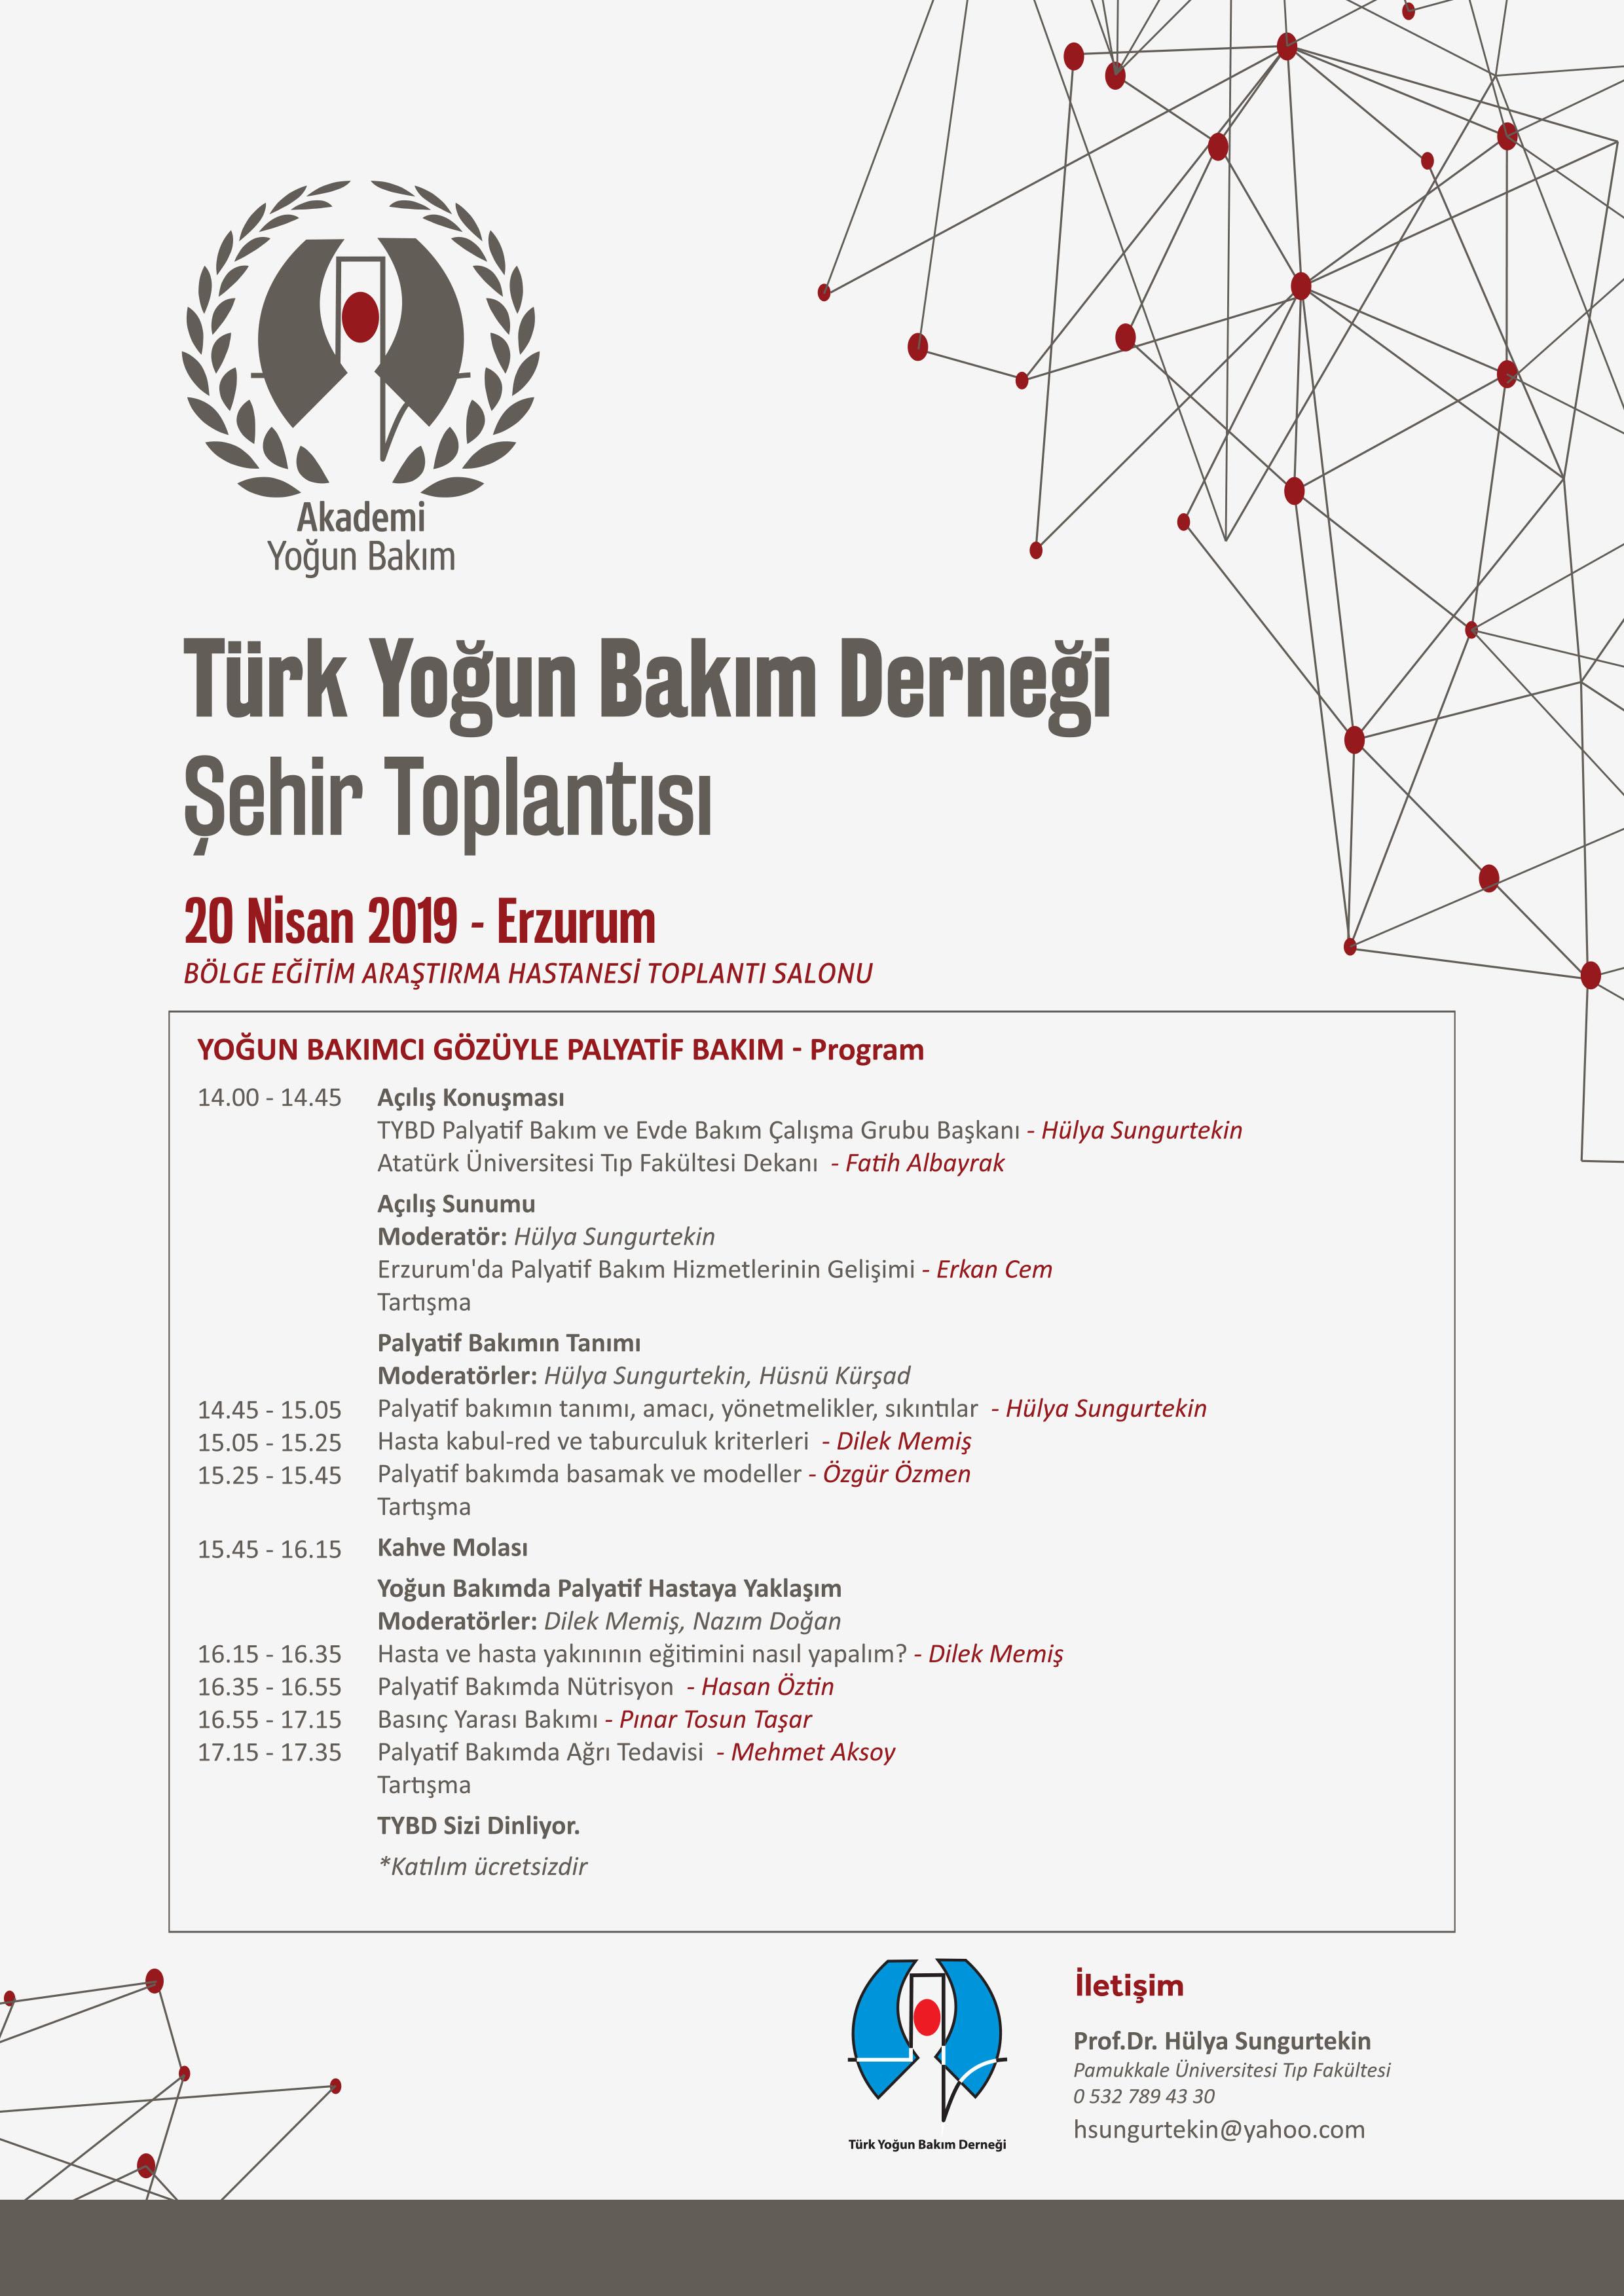 Þehir Toplantýsý Erzurum